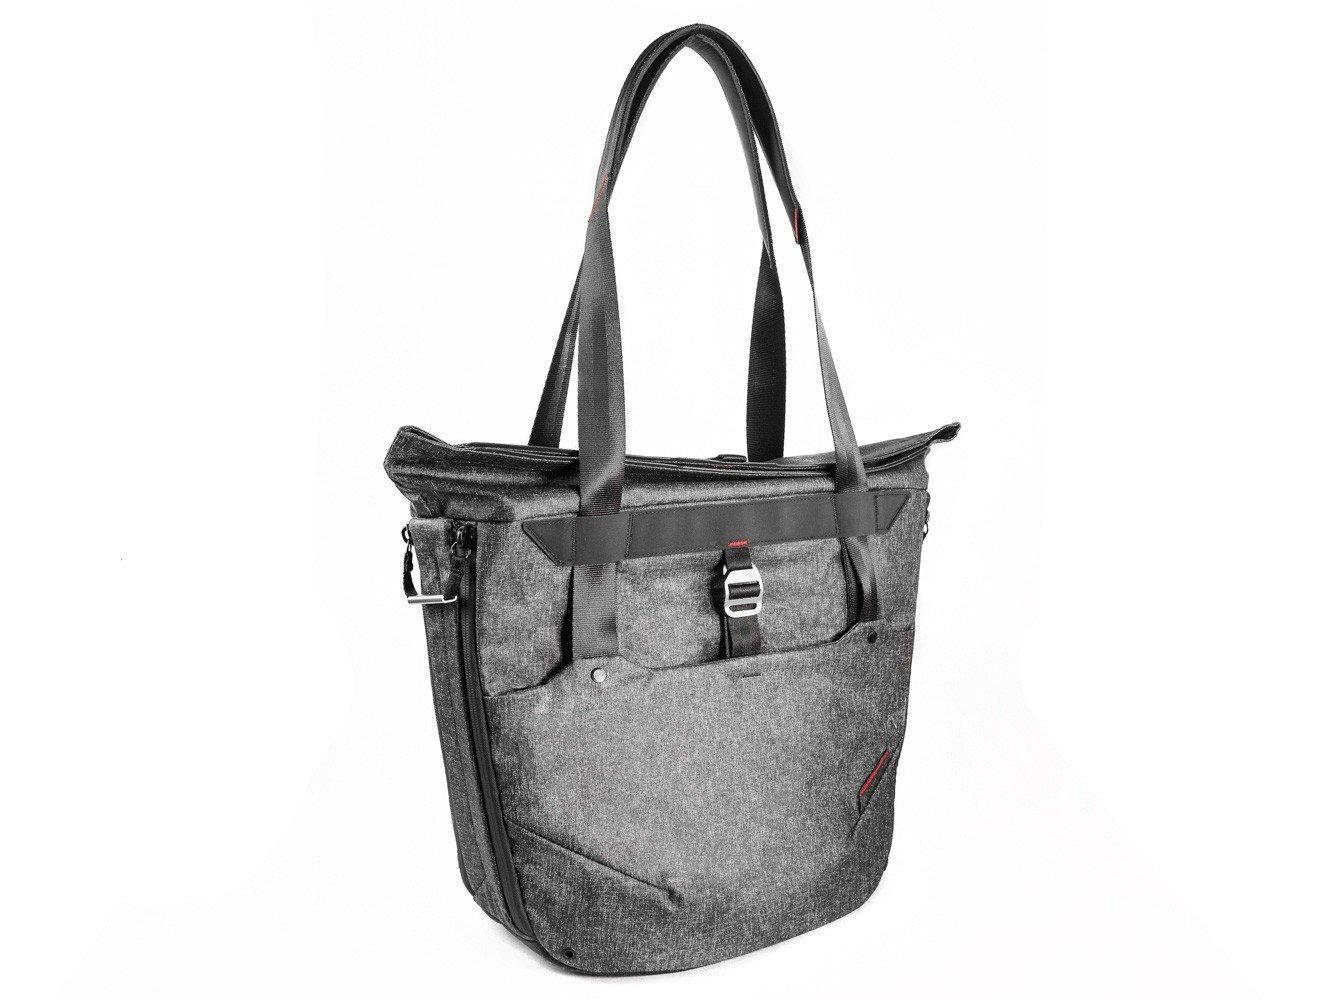 Peak Design Everyday Tote Shoulder Bag/Messenger Bag, Charcoal, Camera Case/Cover (Shoulder Bag, Universal, Shoulder Strap, Notebook Compartment, Charcoal)